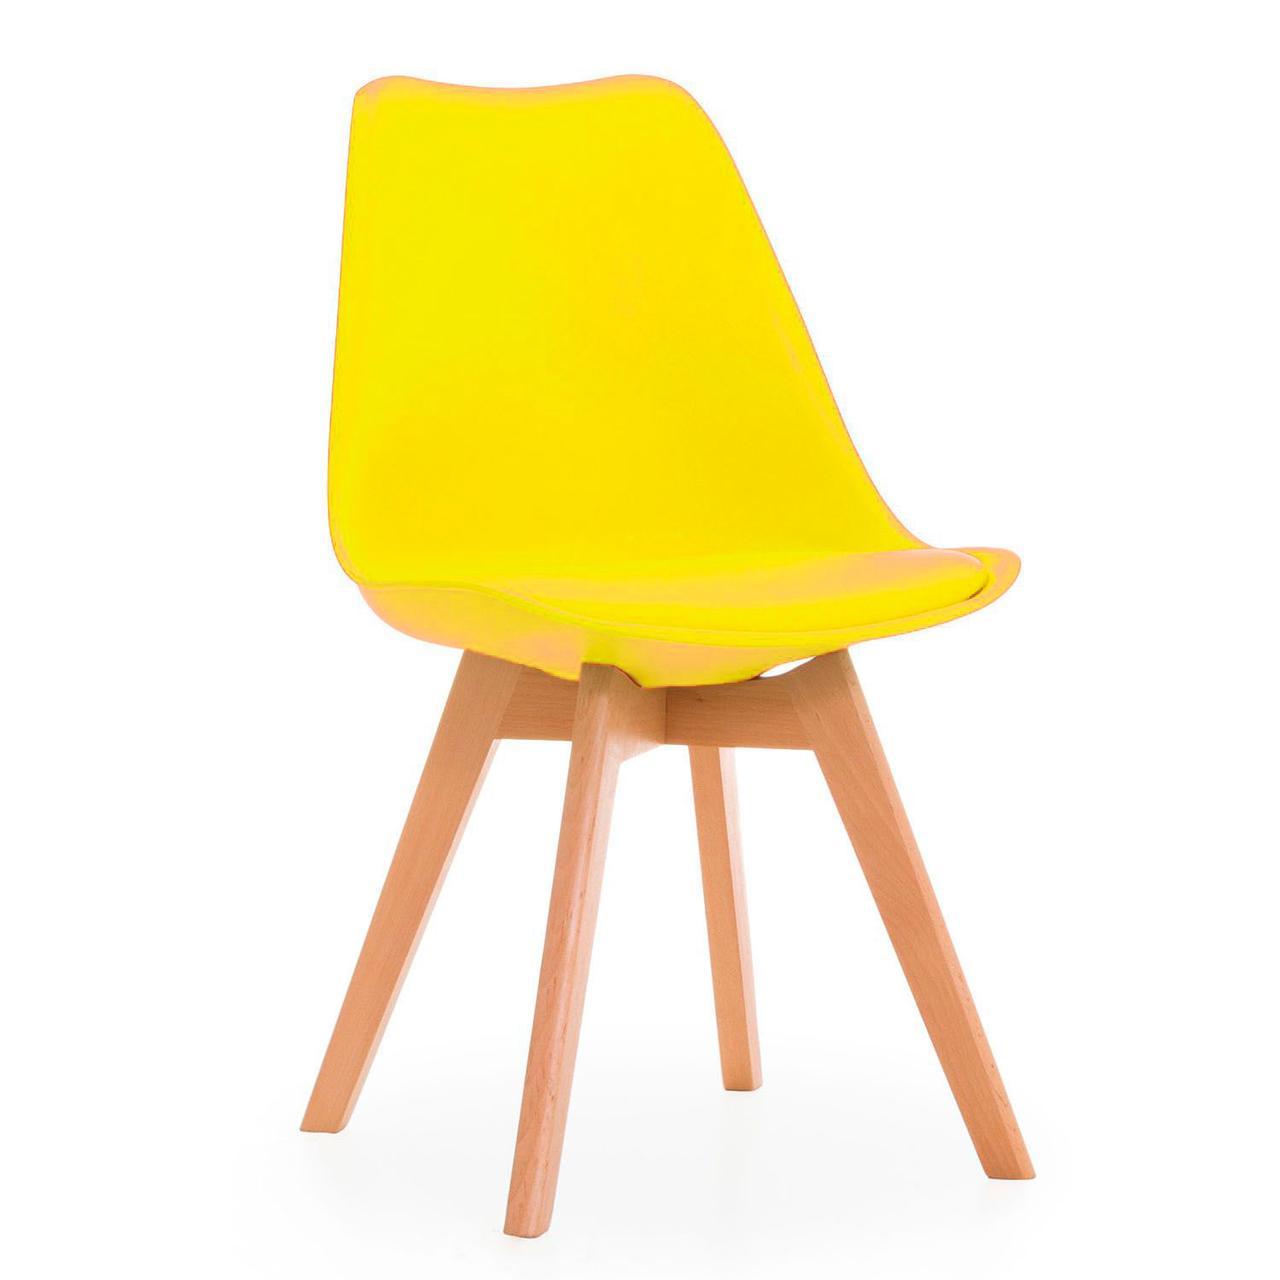 Стул Тор, пластик, ножки буковые, цвет желтый (Бесплатная доставка)